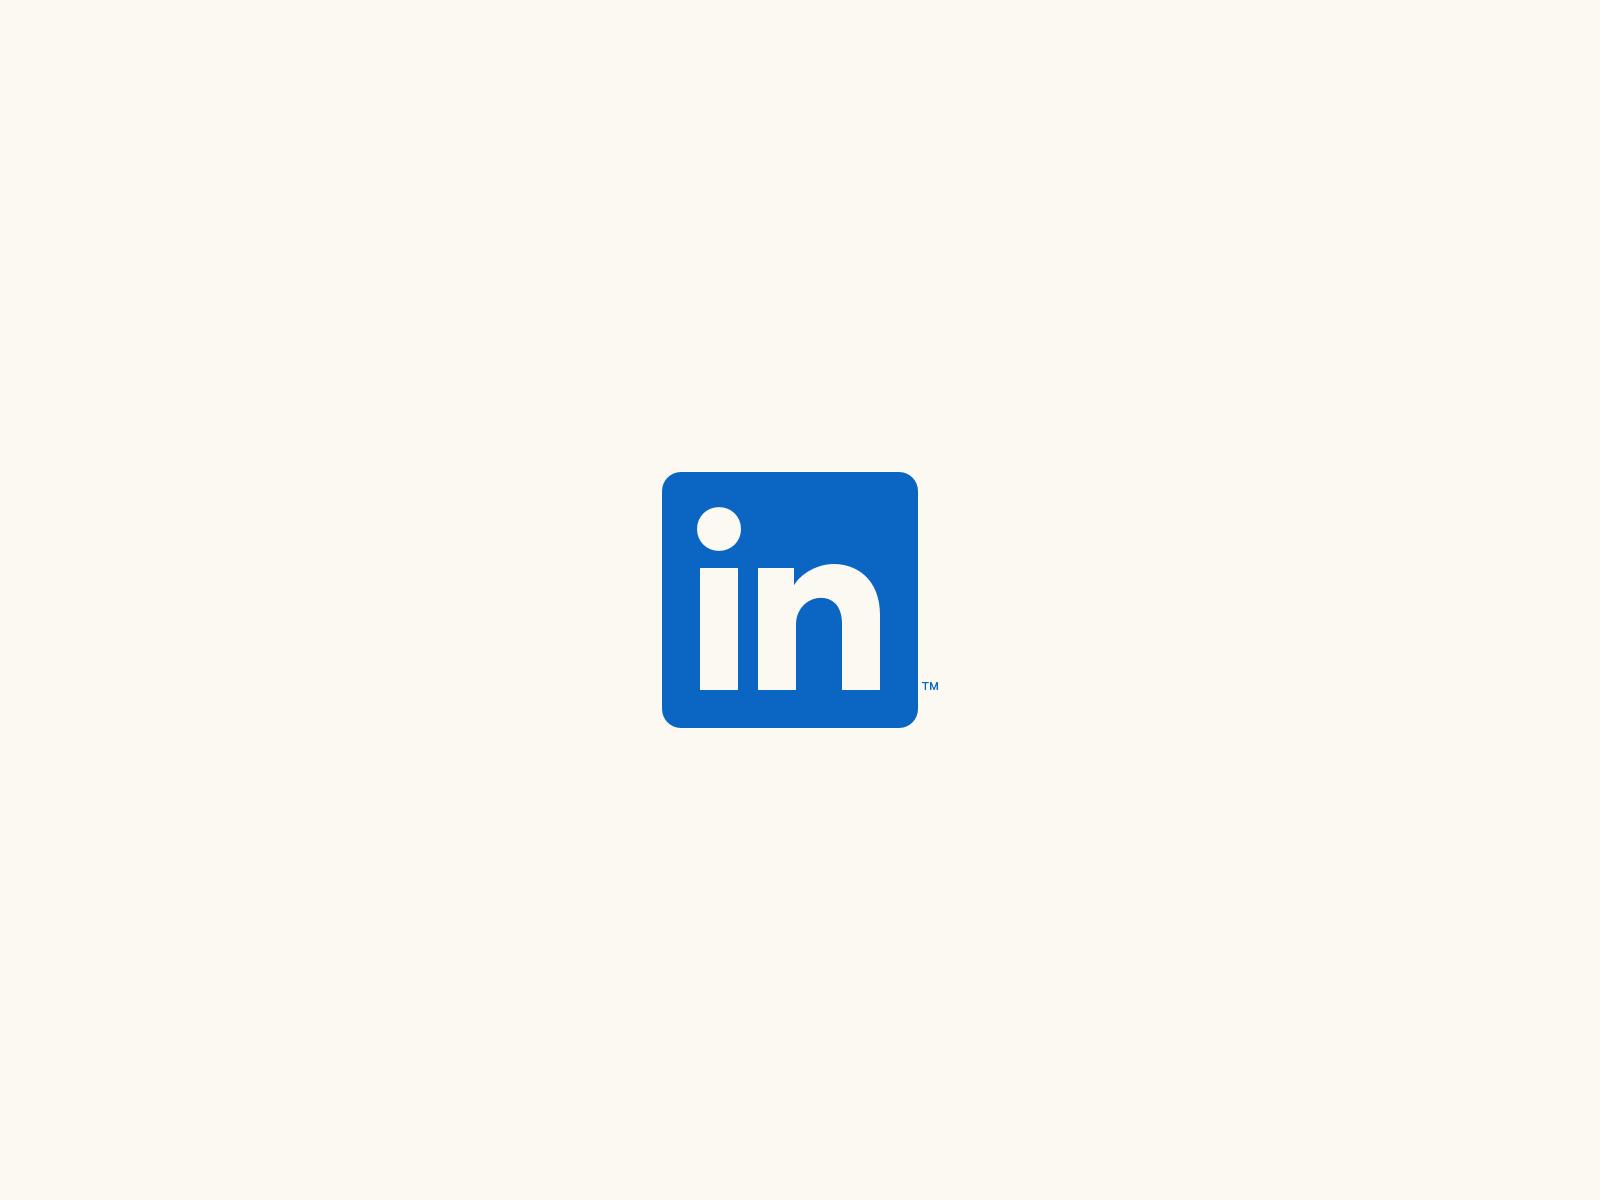 LinkedIn Case Study